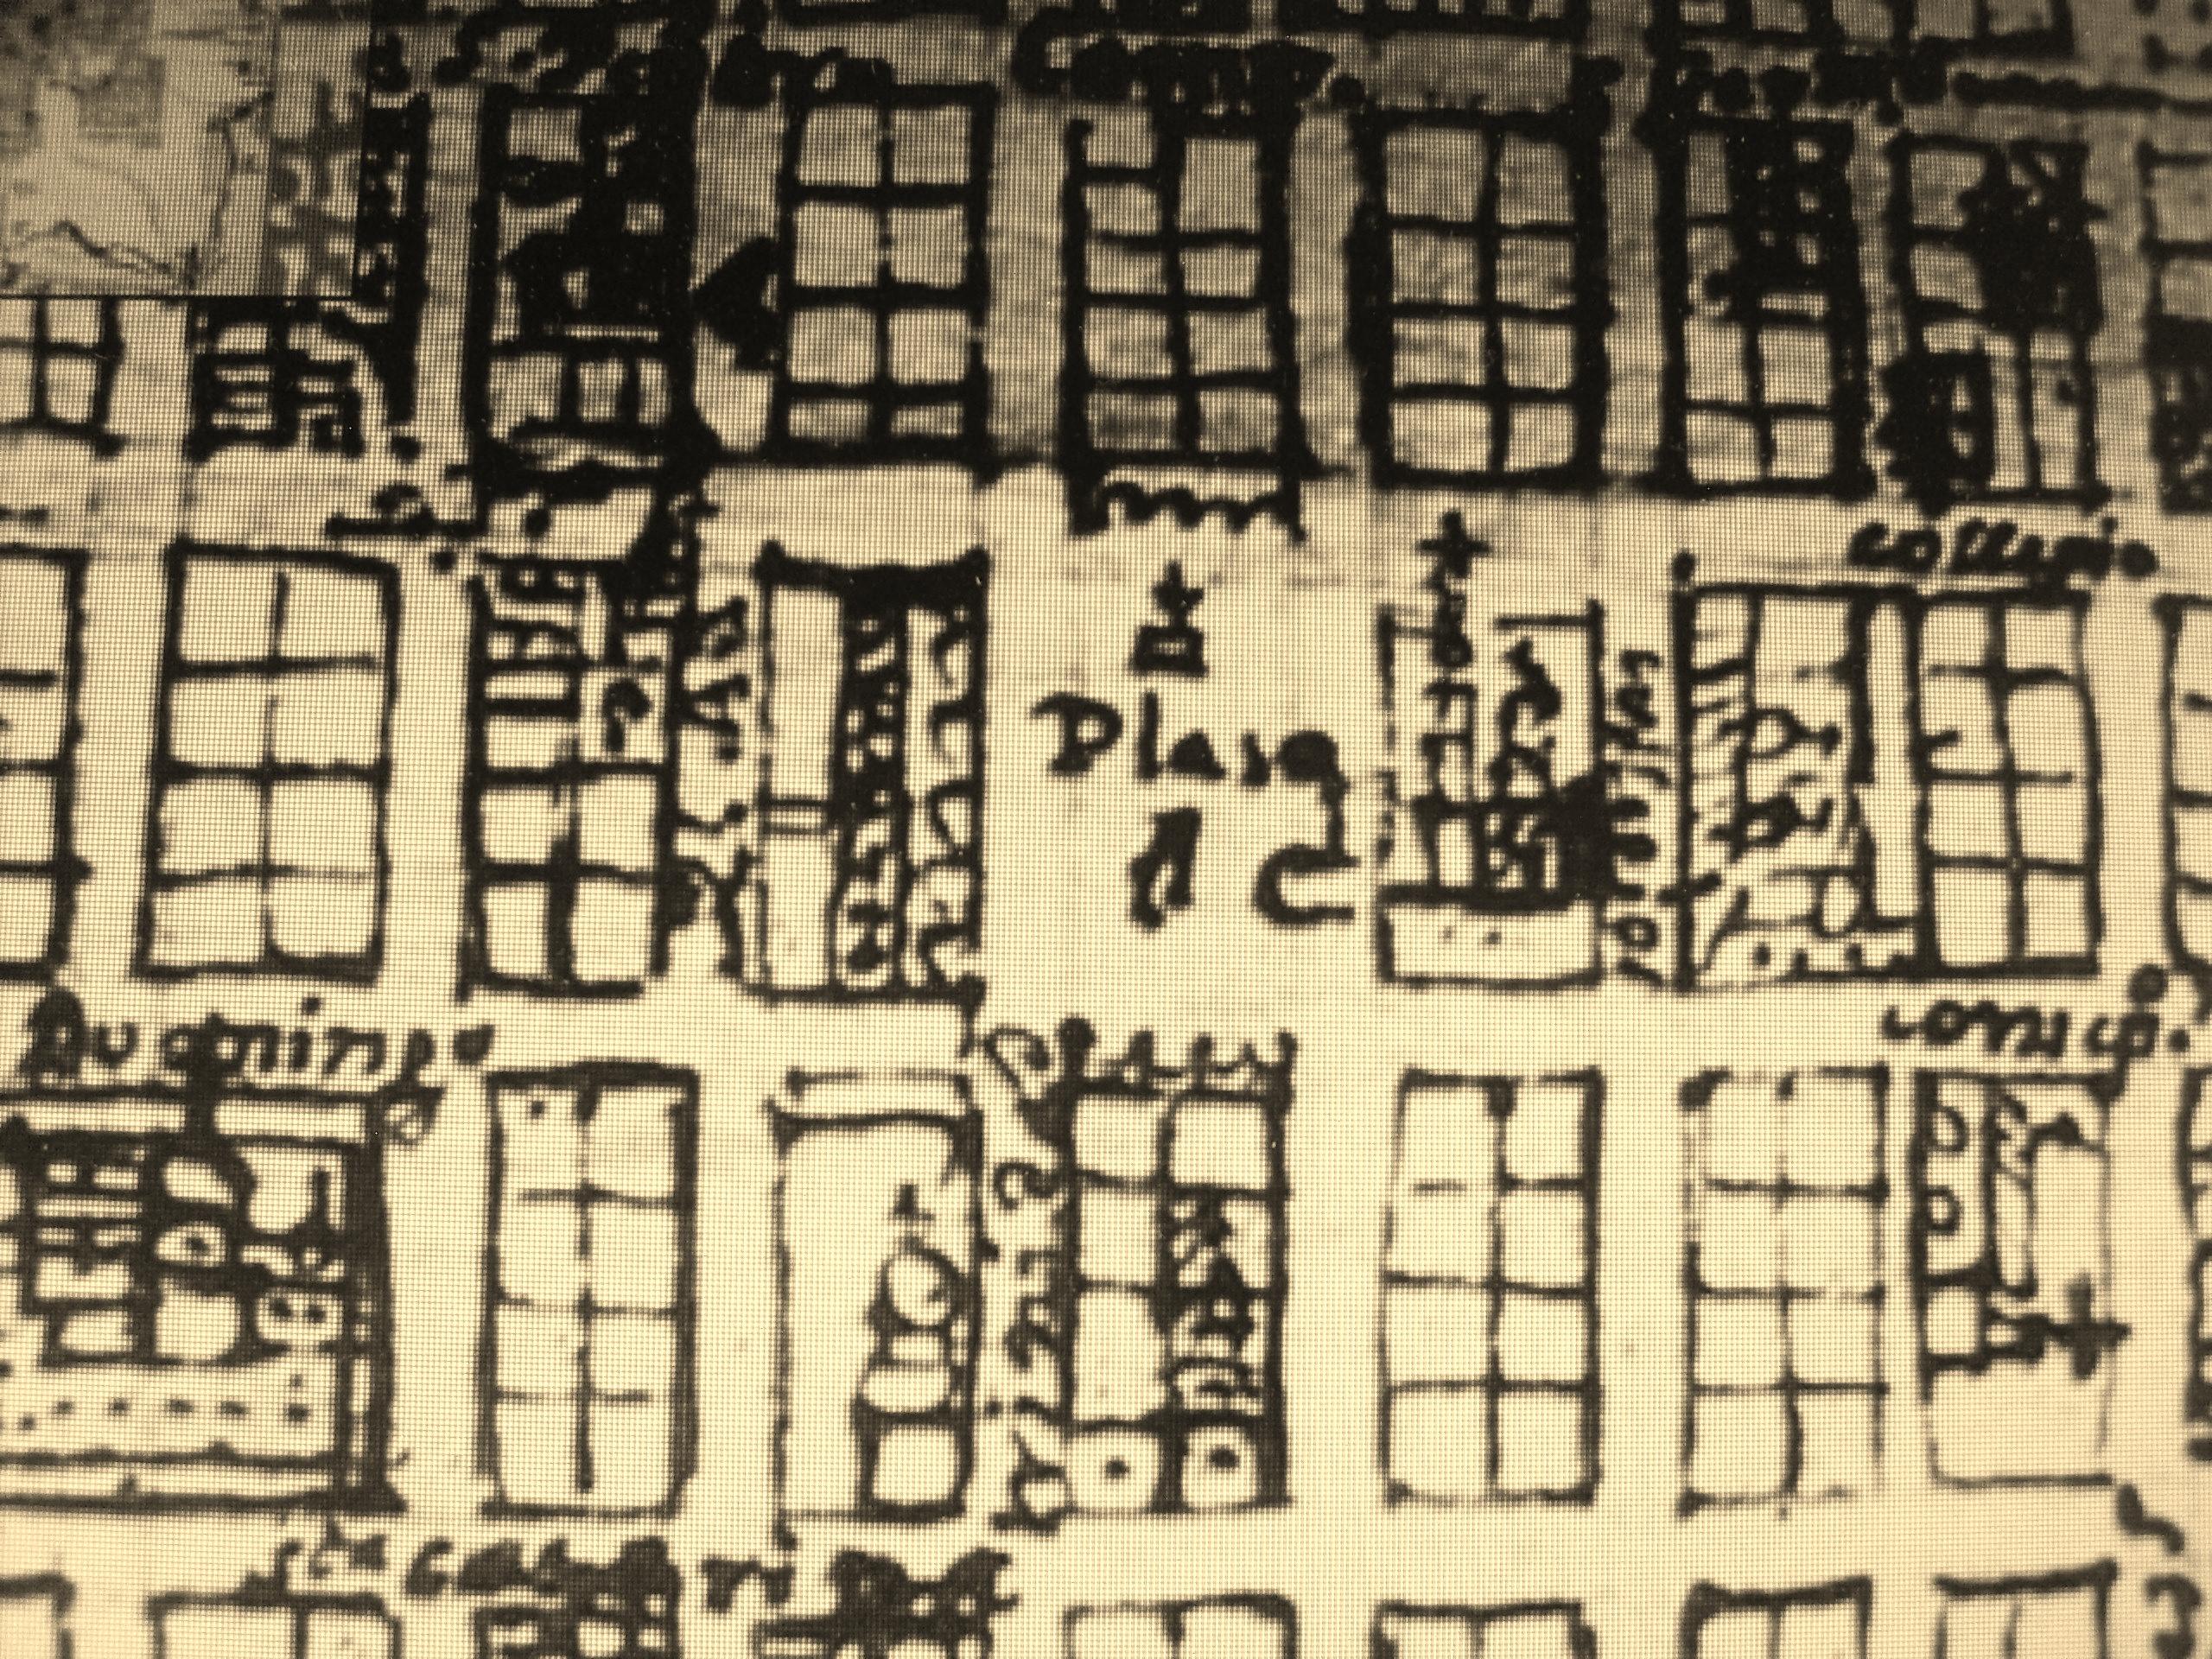 Mapa donde aparece el Zócalo de Puebla